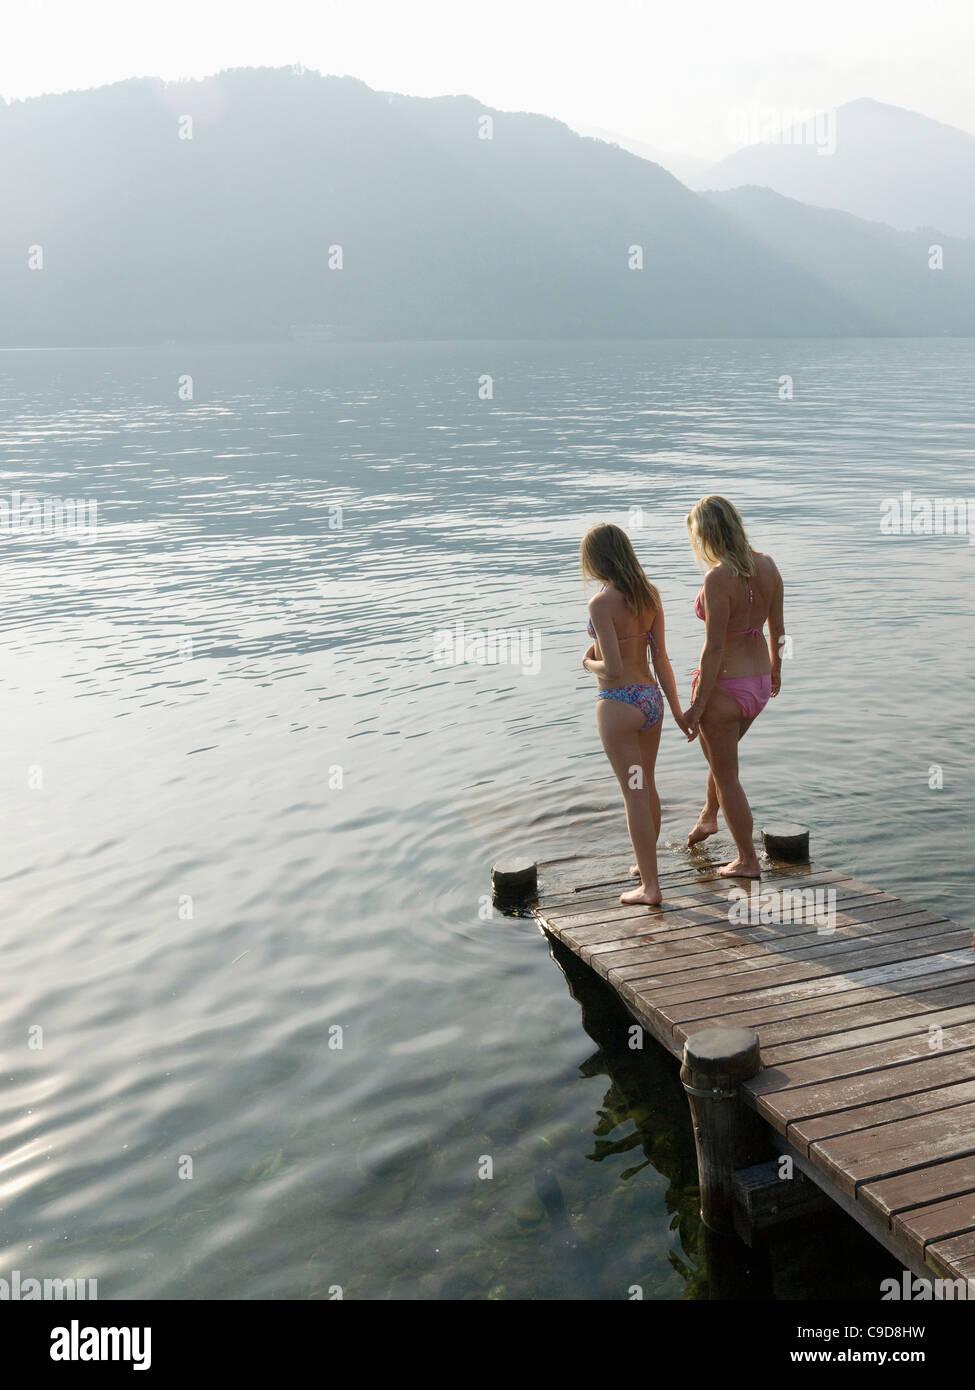 L'Italia, Piemonte, Lago d'Orta, madre e figlia test acqua a bordo lago Immagini Stock